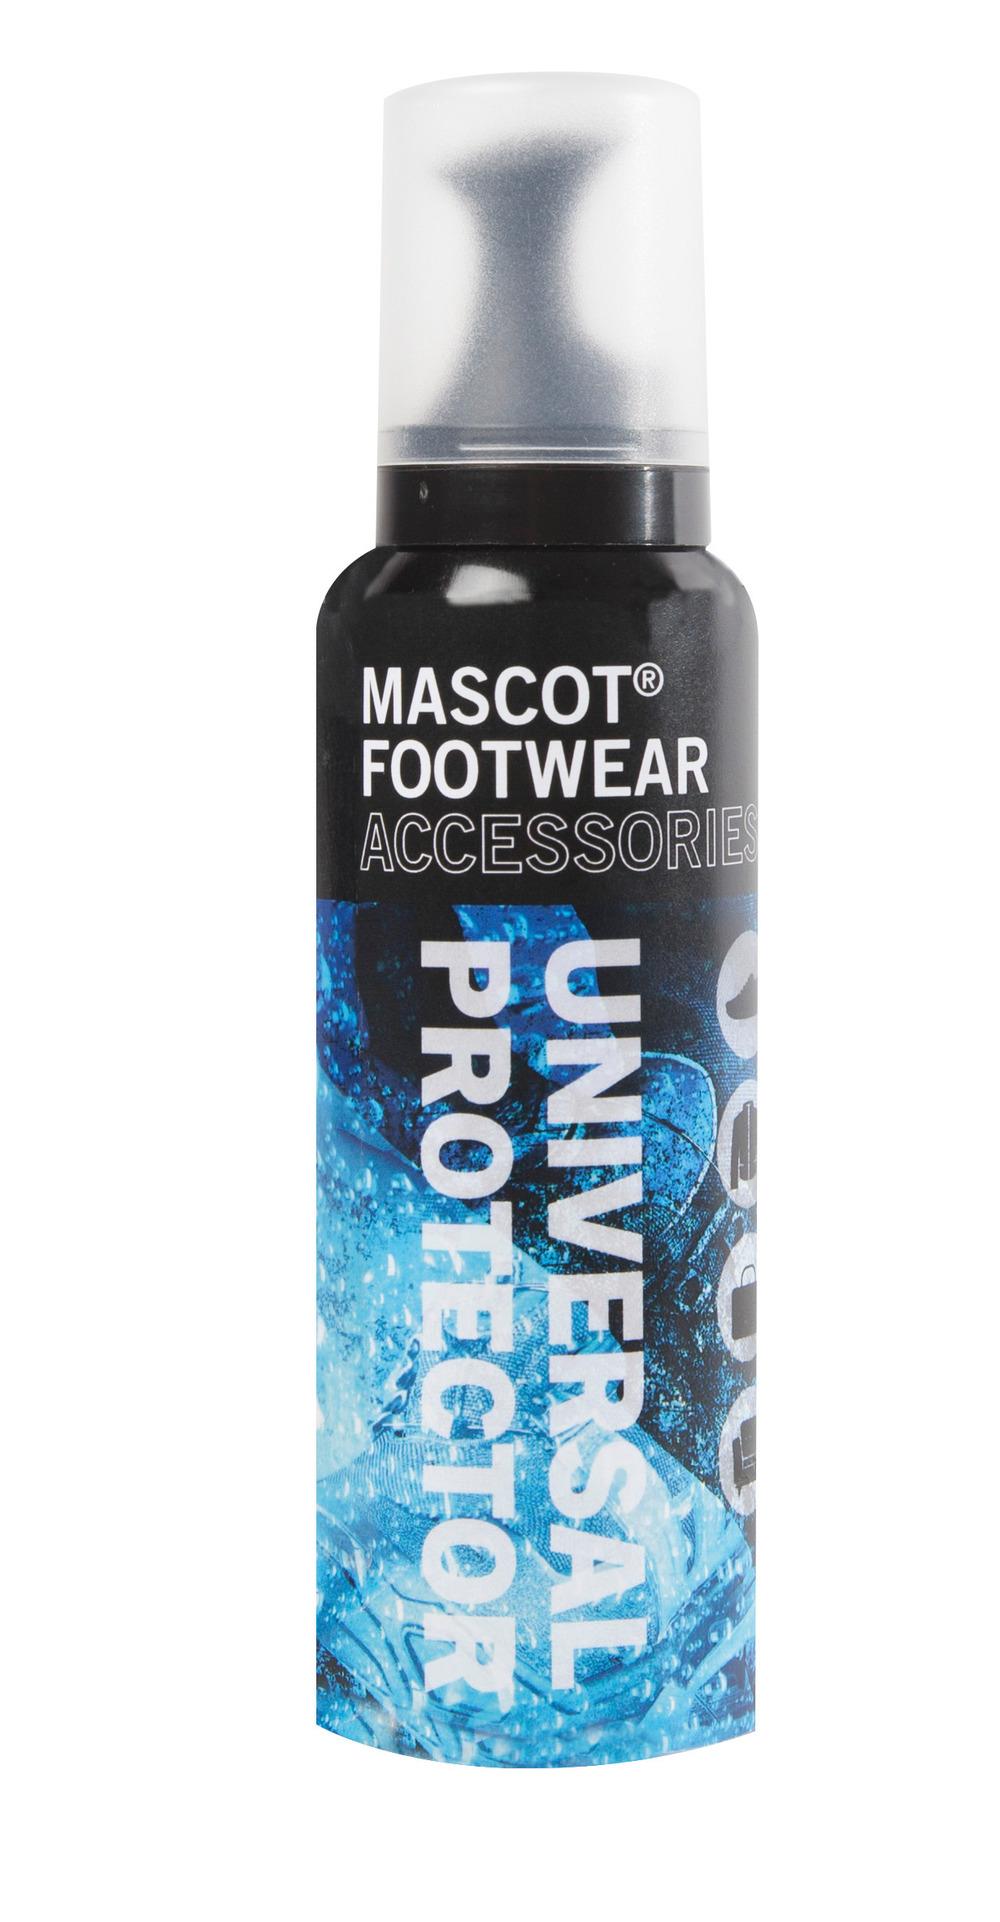 FT089-980-88 Reinigend schuim voor schoenen - transparante